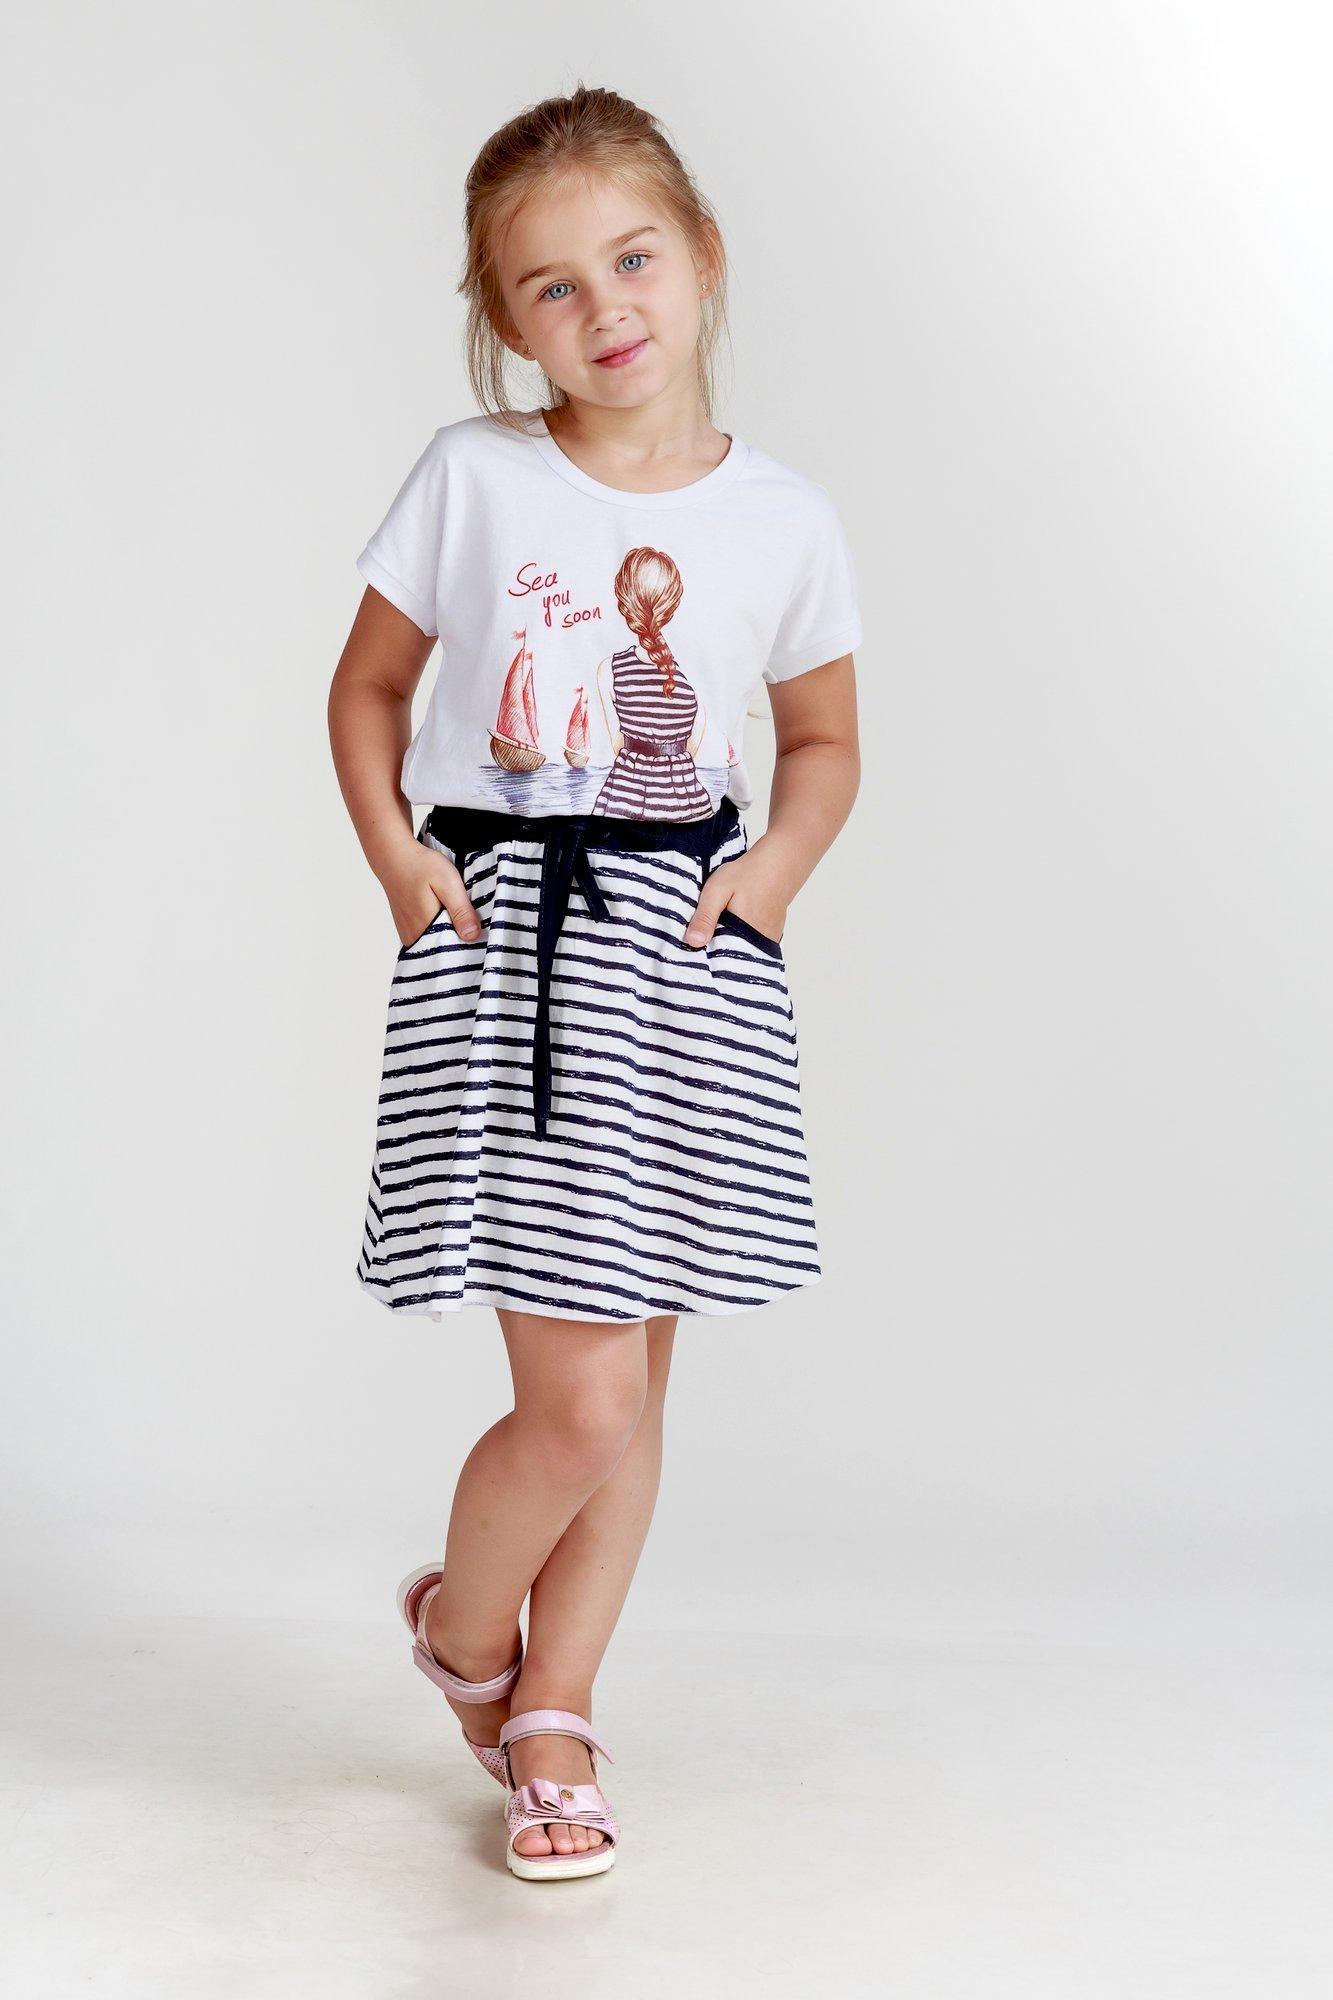 Детская домашняя одежда Pastilla Детский костюм Ласточка Цвет: Темно-Синий (7 лет) детский костюм озорного клоуна 34